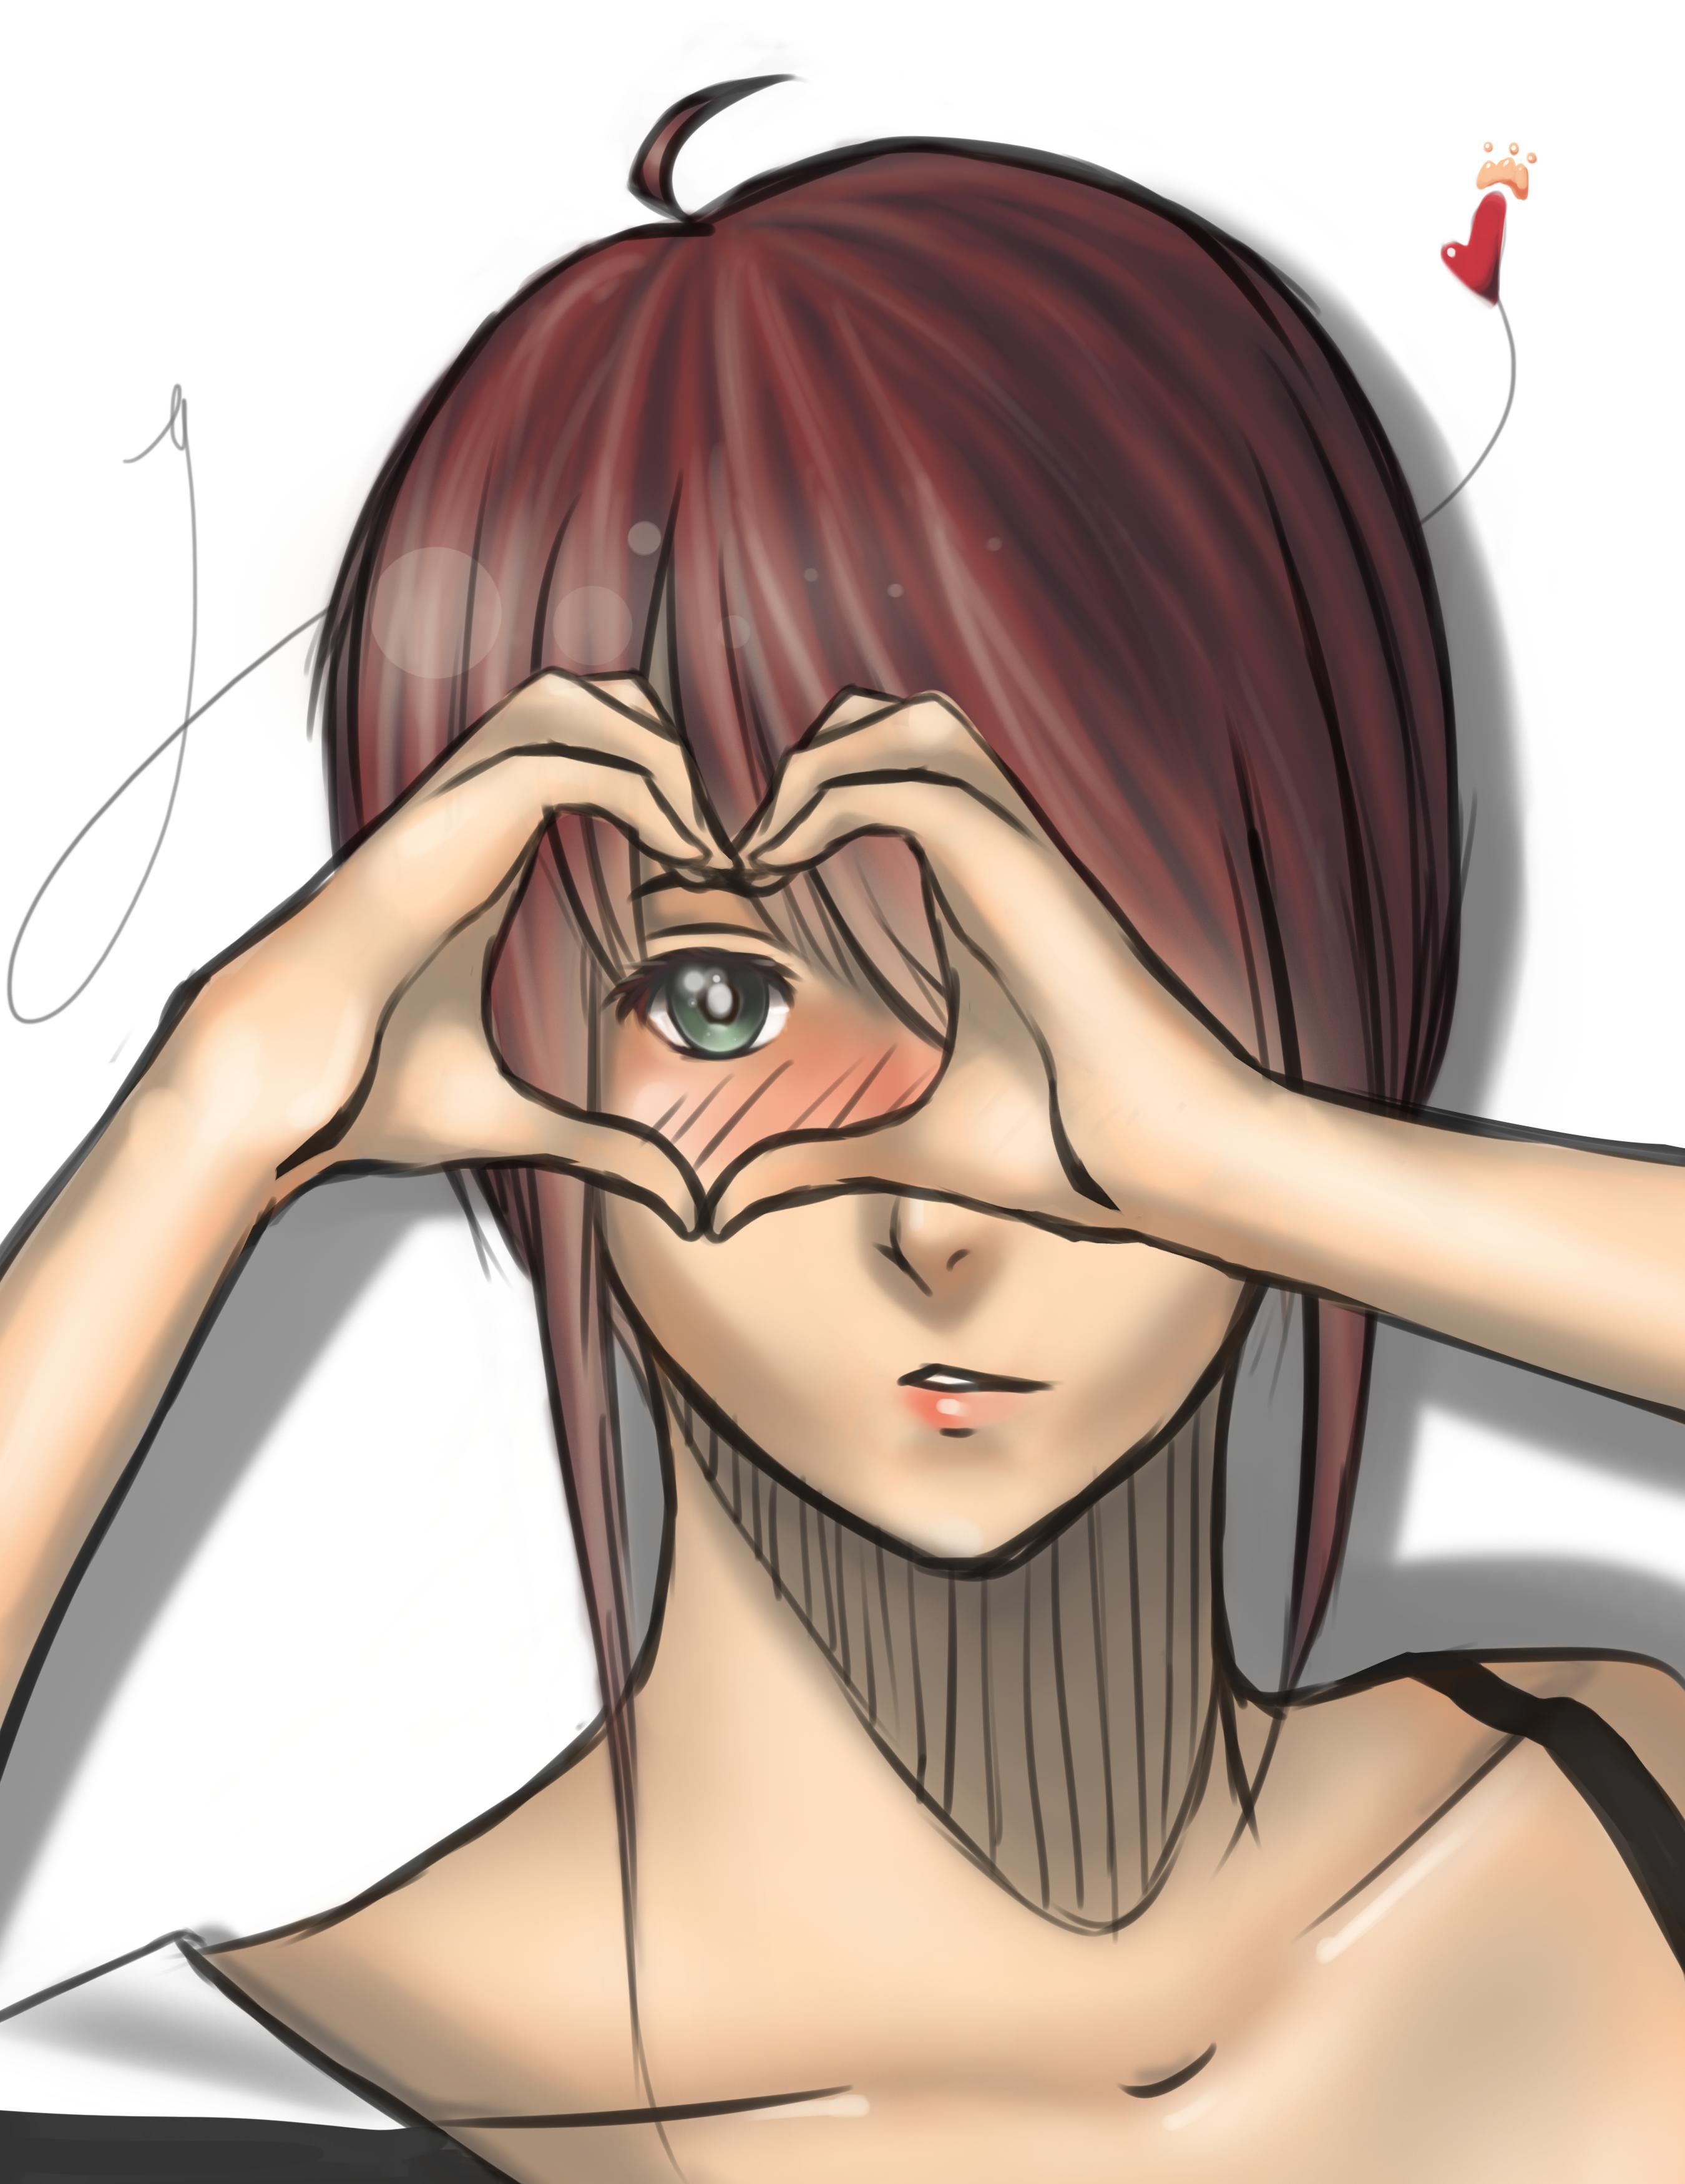 Shink0u-chan's Profile Picture